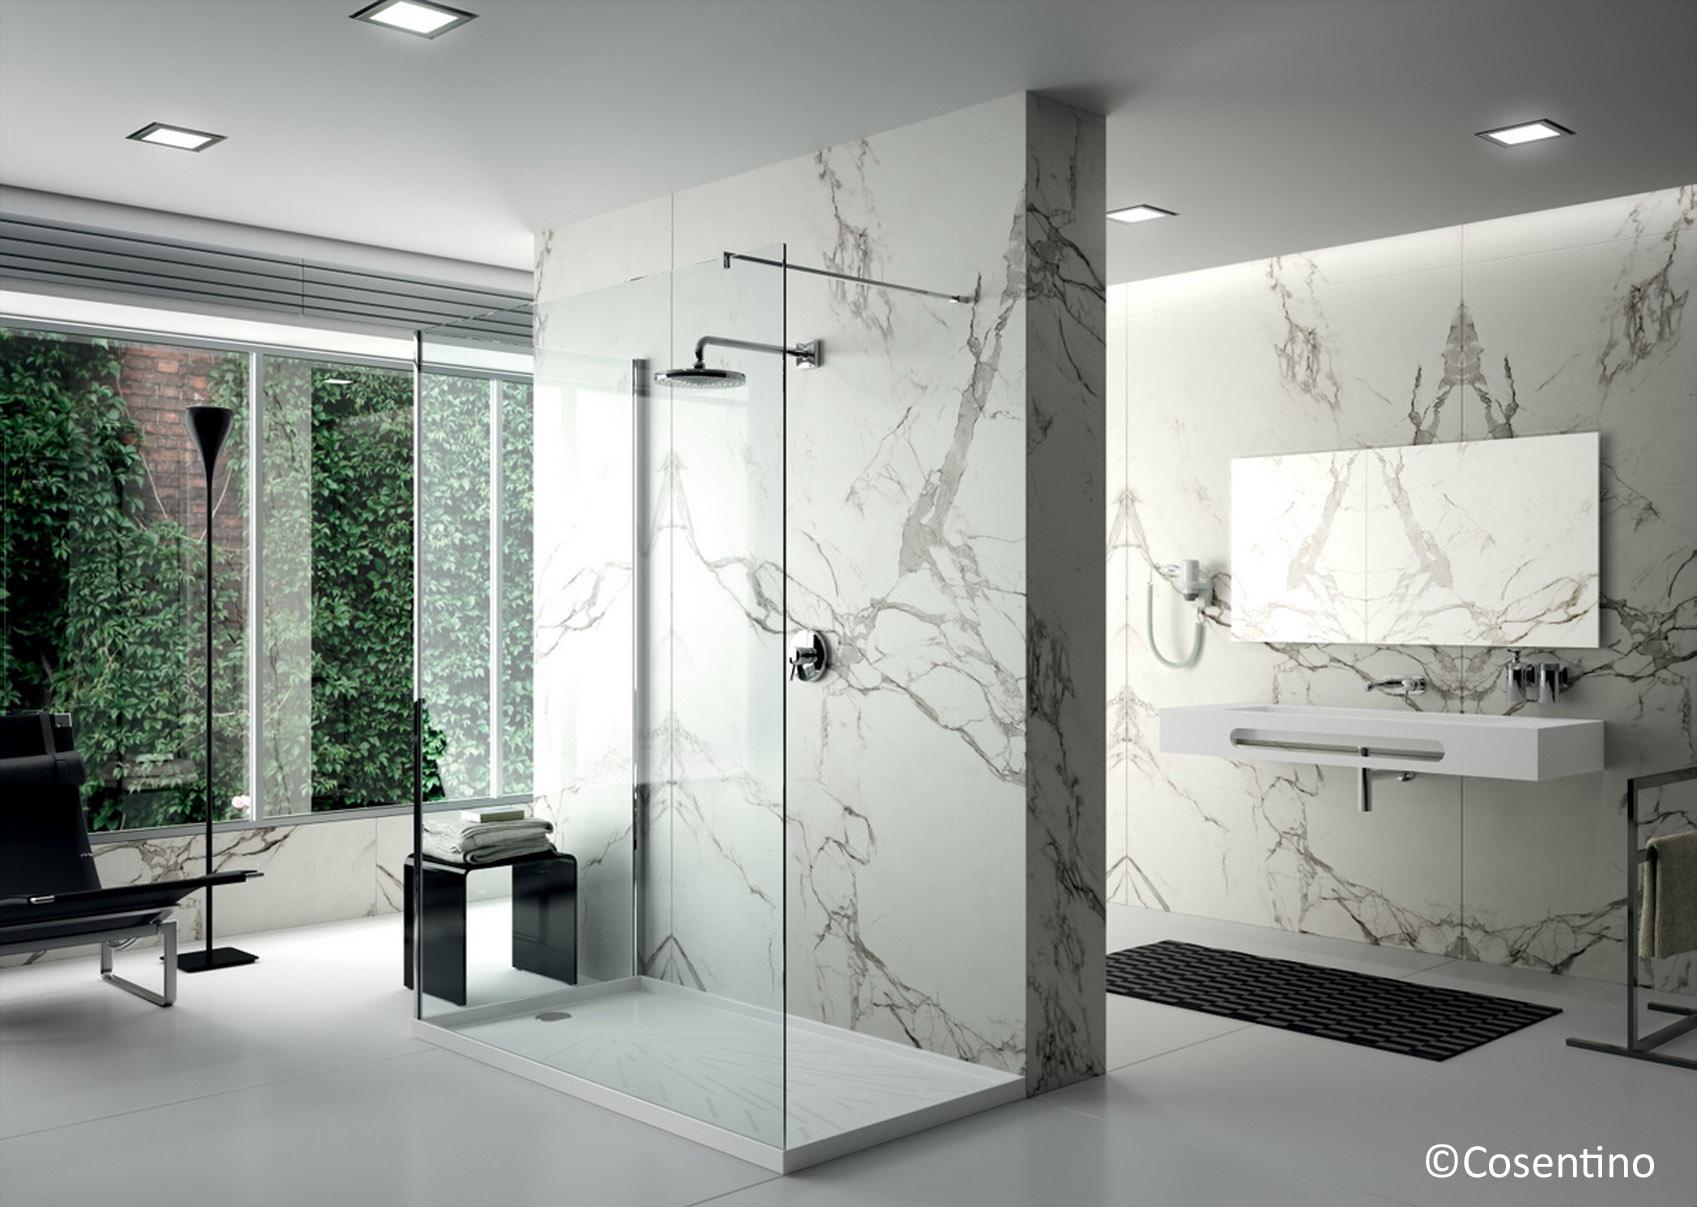 ou faire sa salle de bain à bordeaux?